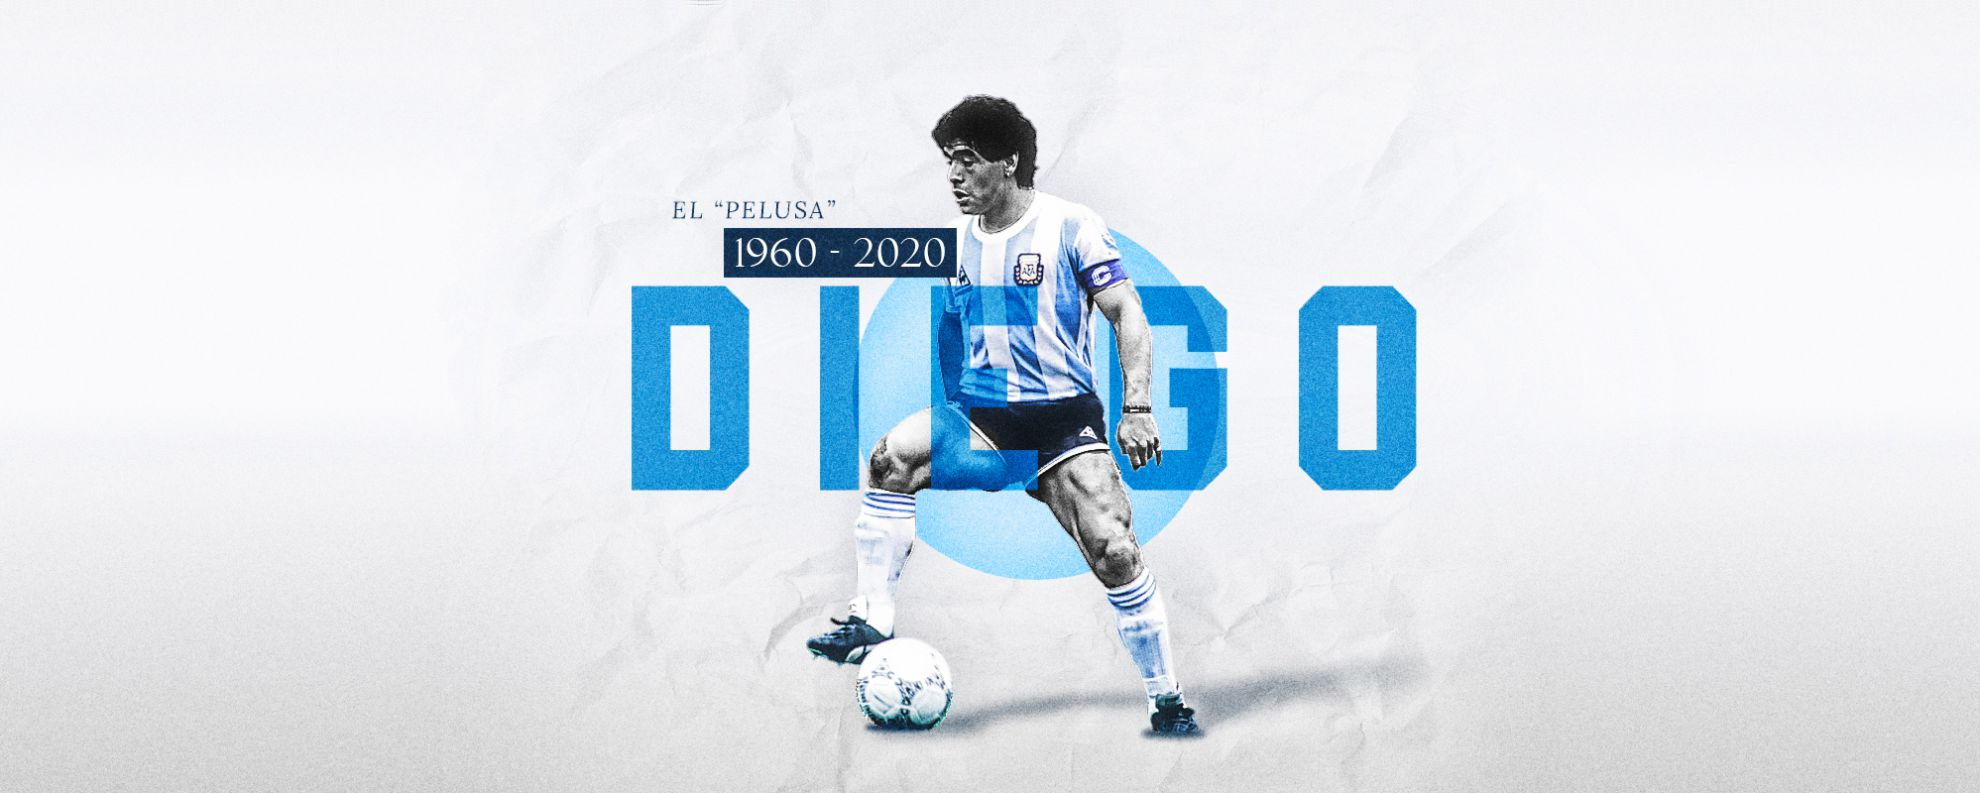 Maradona Cumple 60 Años La Mano De Dios As Argentina